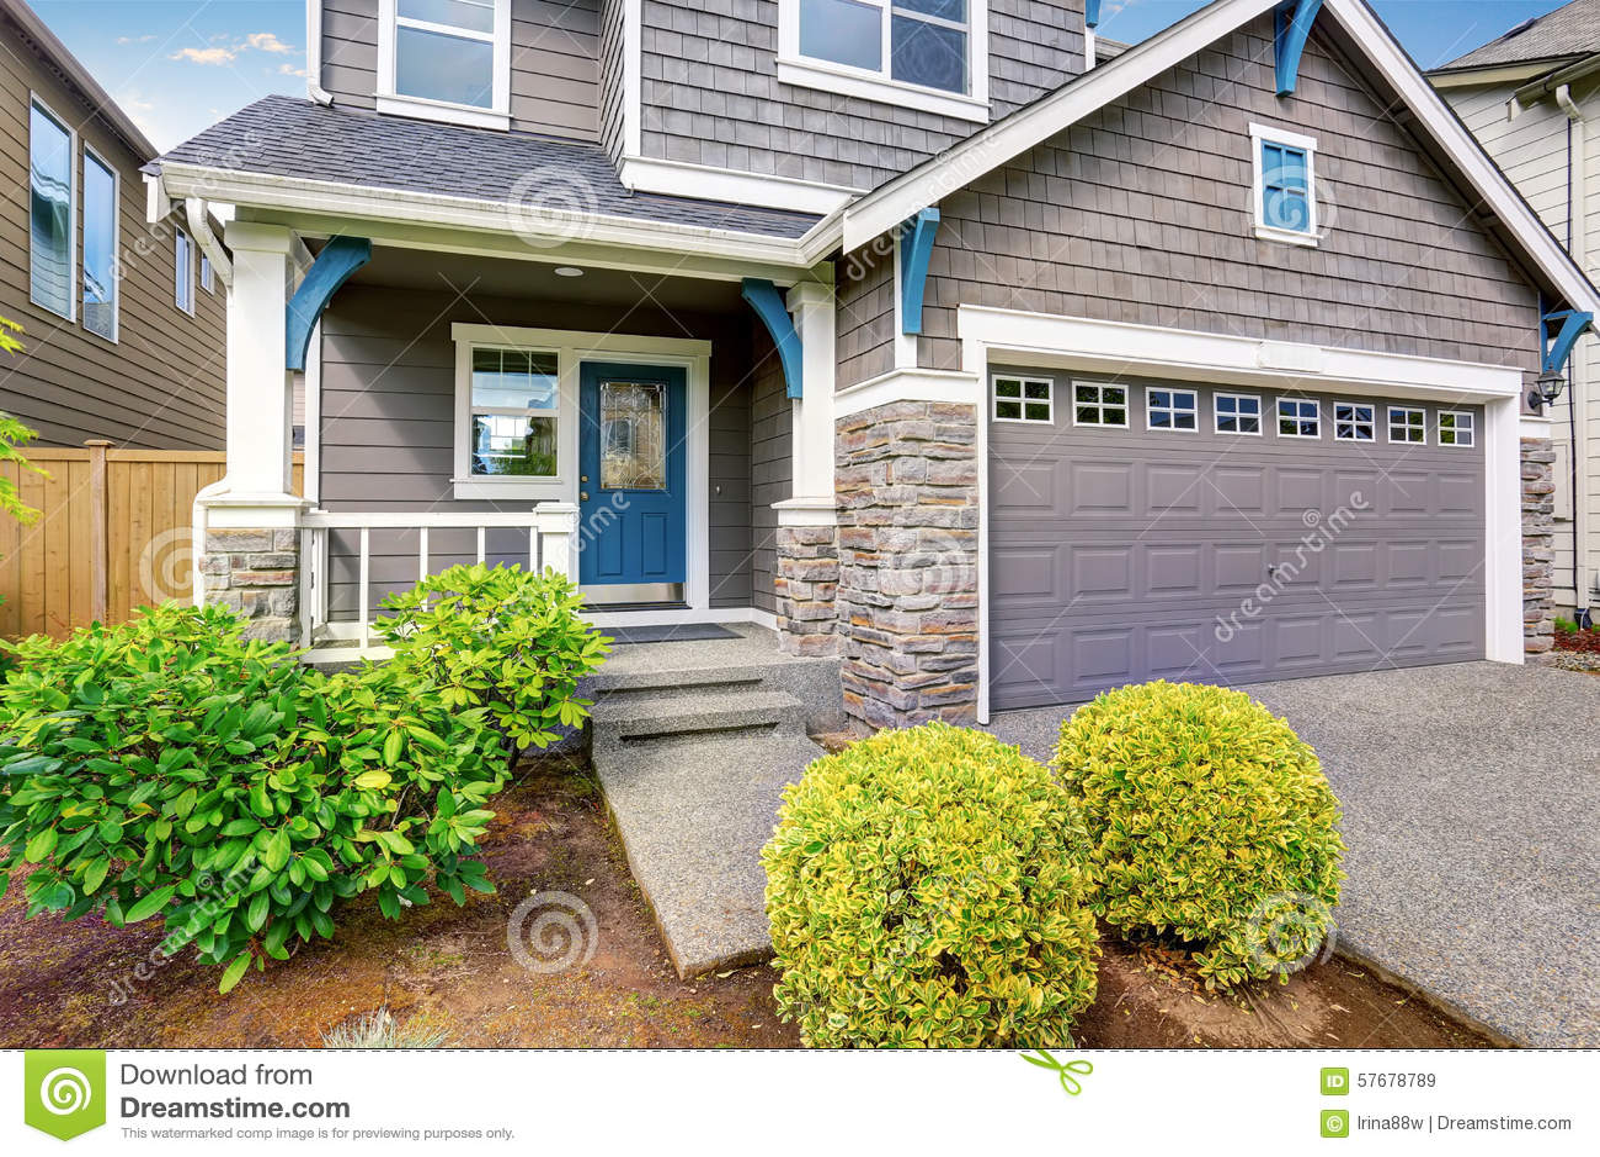 Maison moderne avec l 39 ext rieur de gris et quilibre blanc bleu photo st - Maison grise et blanche ...